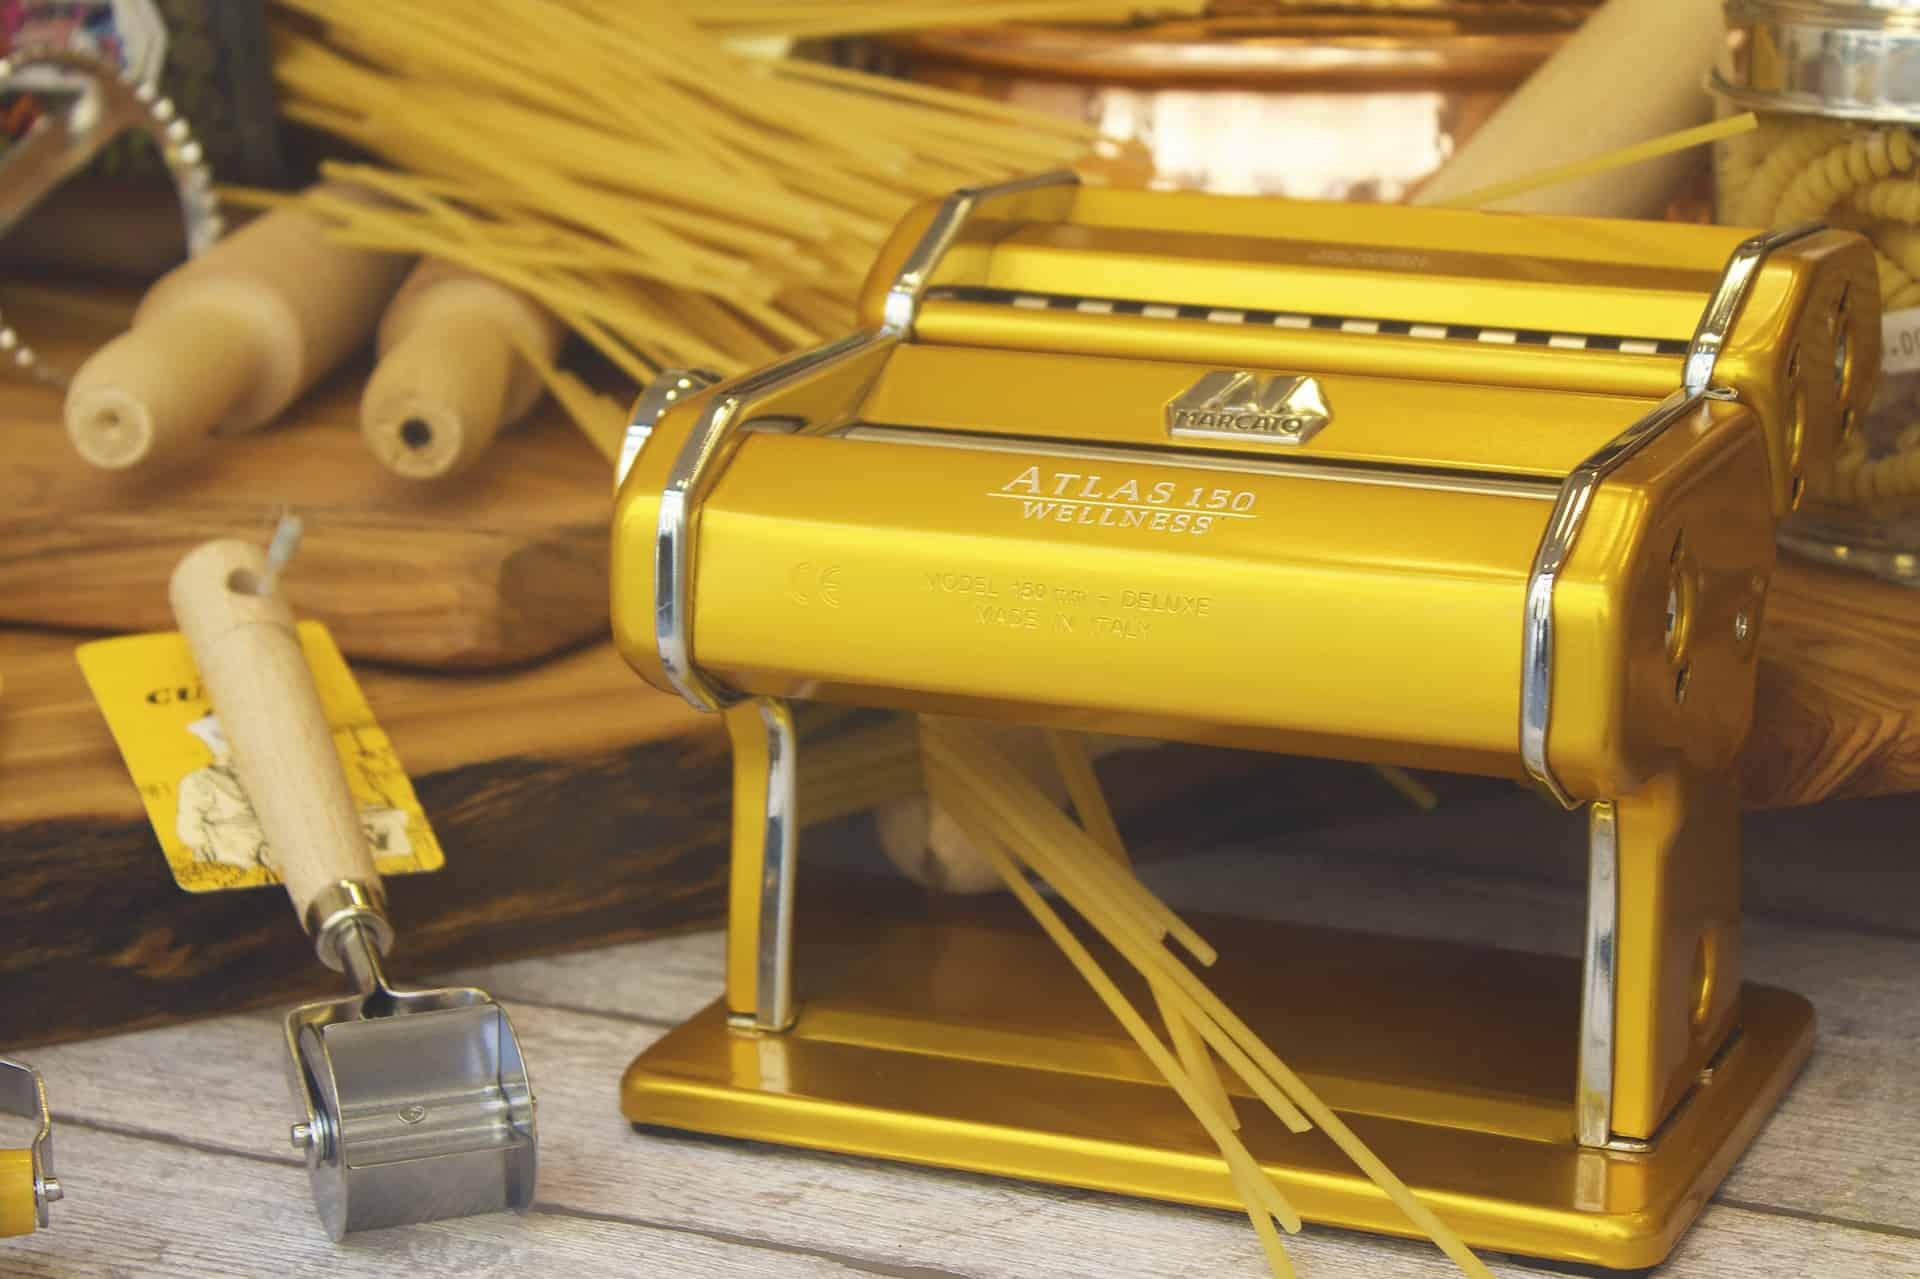 Máquina de macarrão: Como escolher a melhor em 2021?